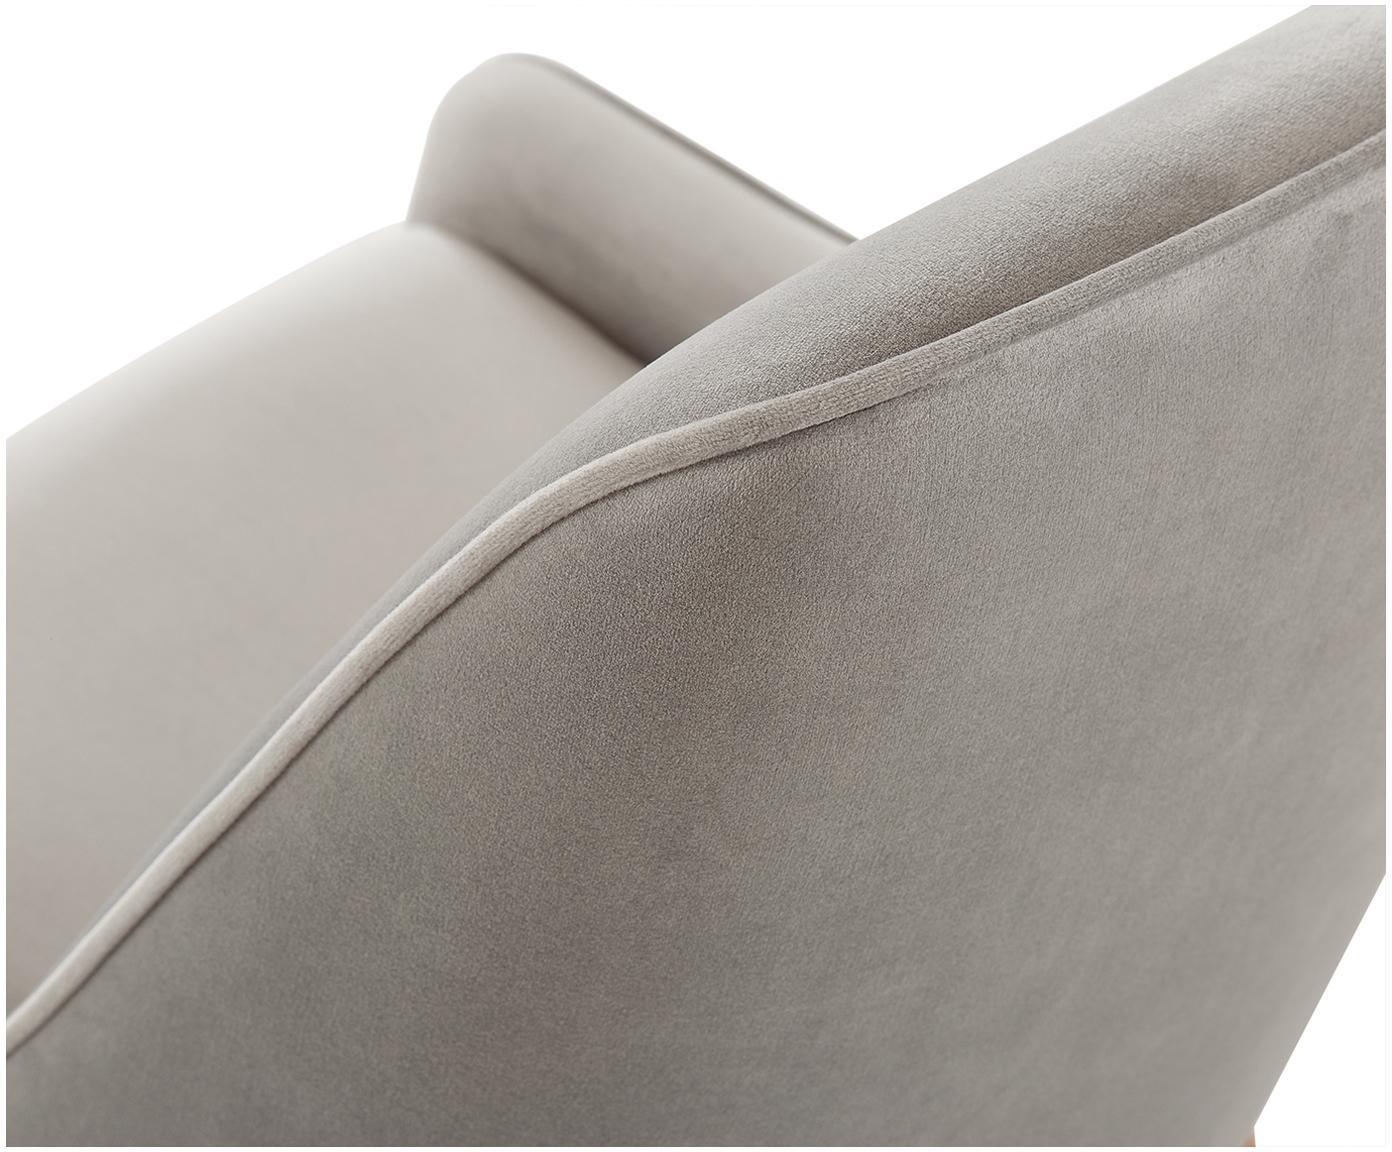 Krzesło tapicerowane z aksamitu Ava, Tapicerka: aksamit (100% poliester) , Nogi: metal galwanizowany, Aksamitny taupe, S 55 x G 60 cm